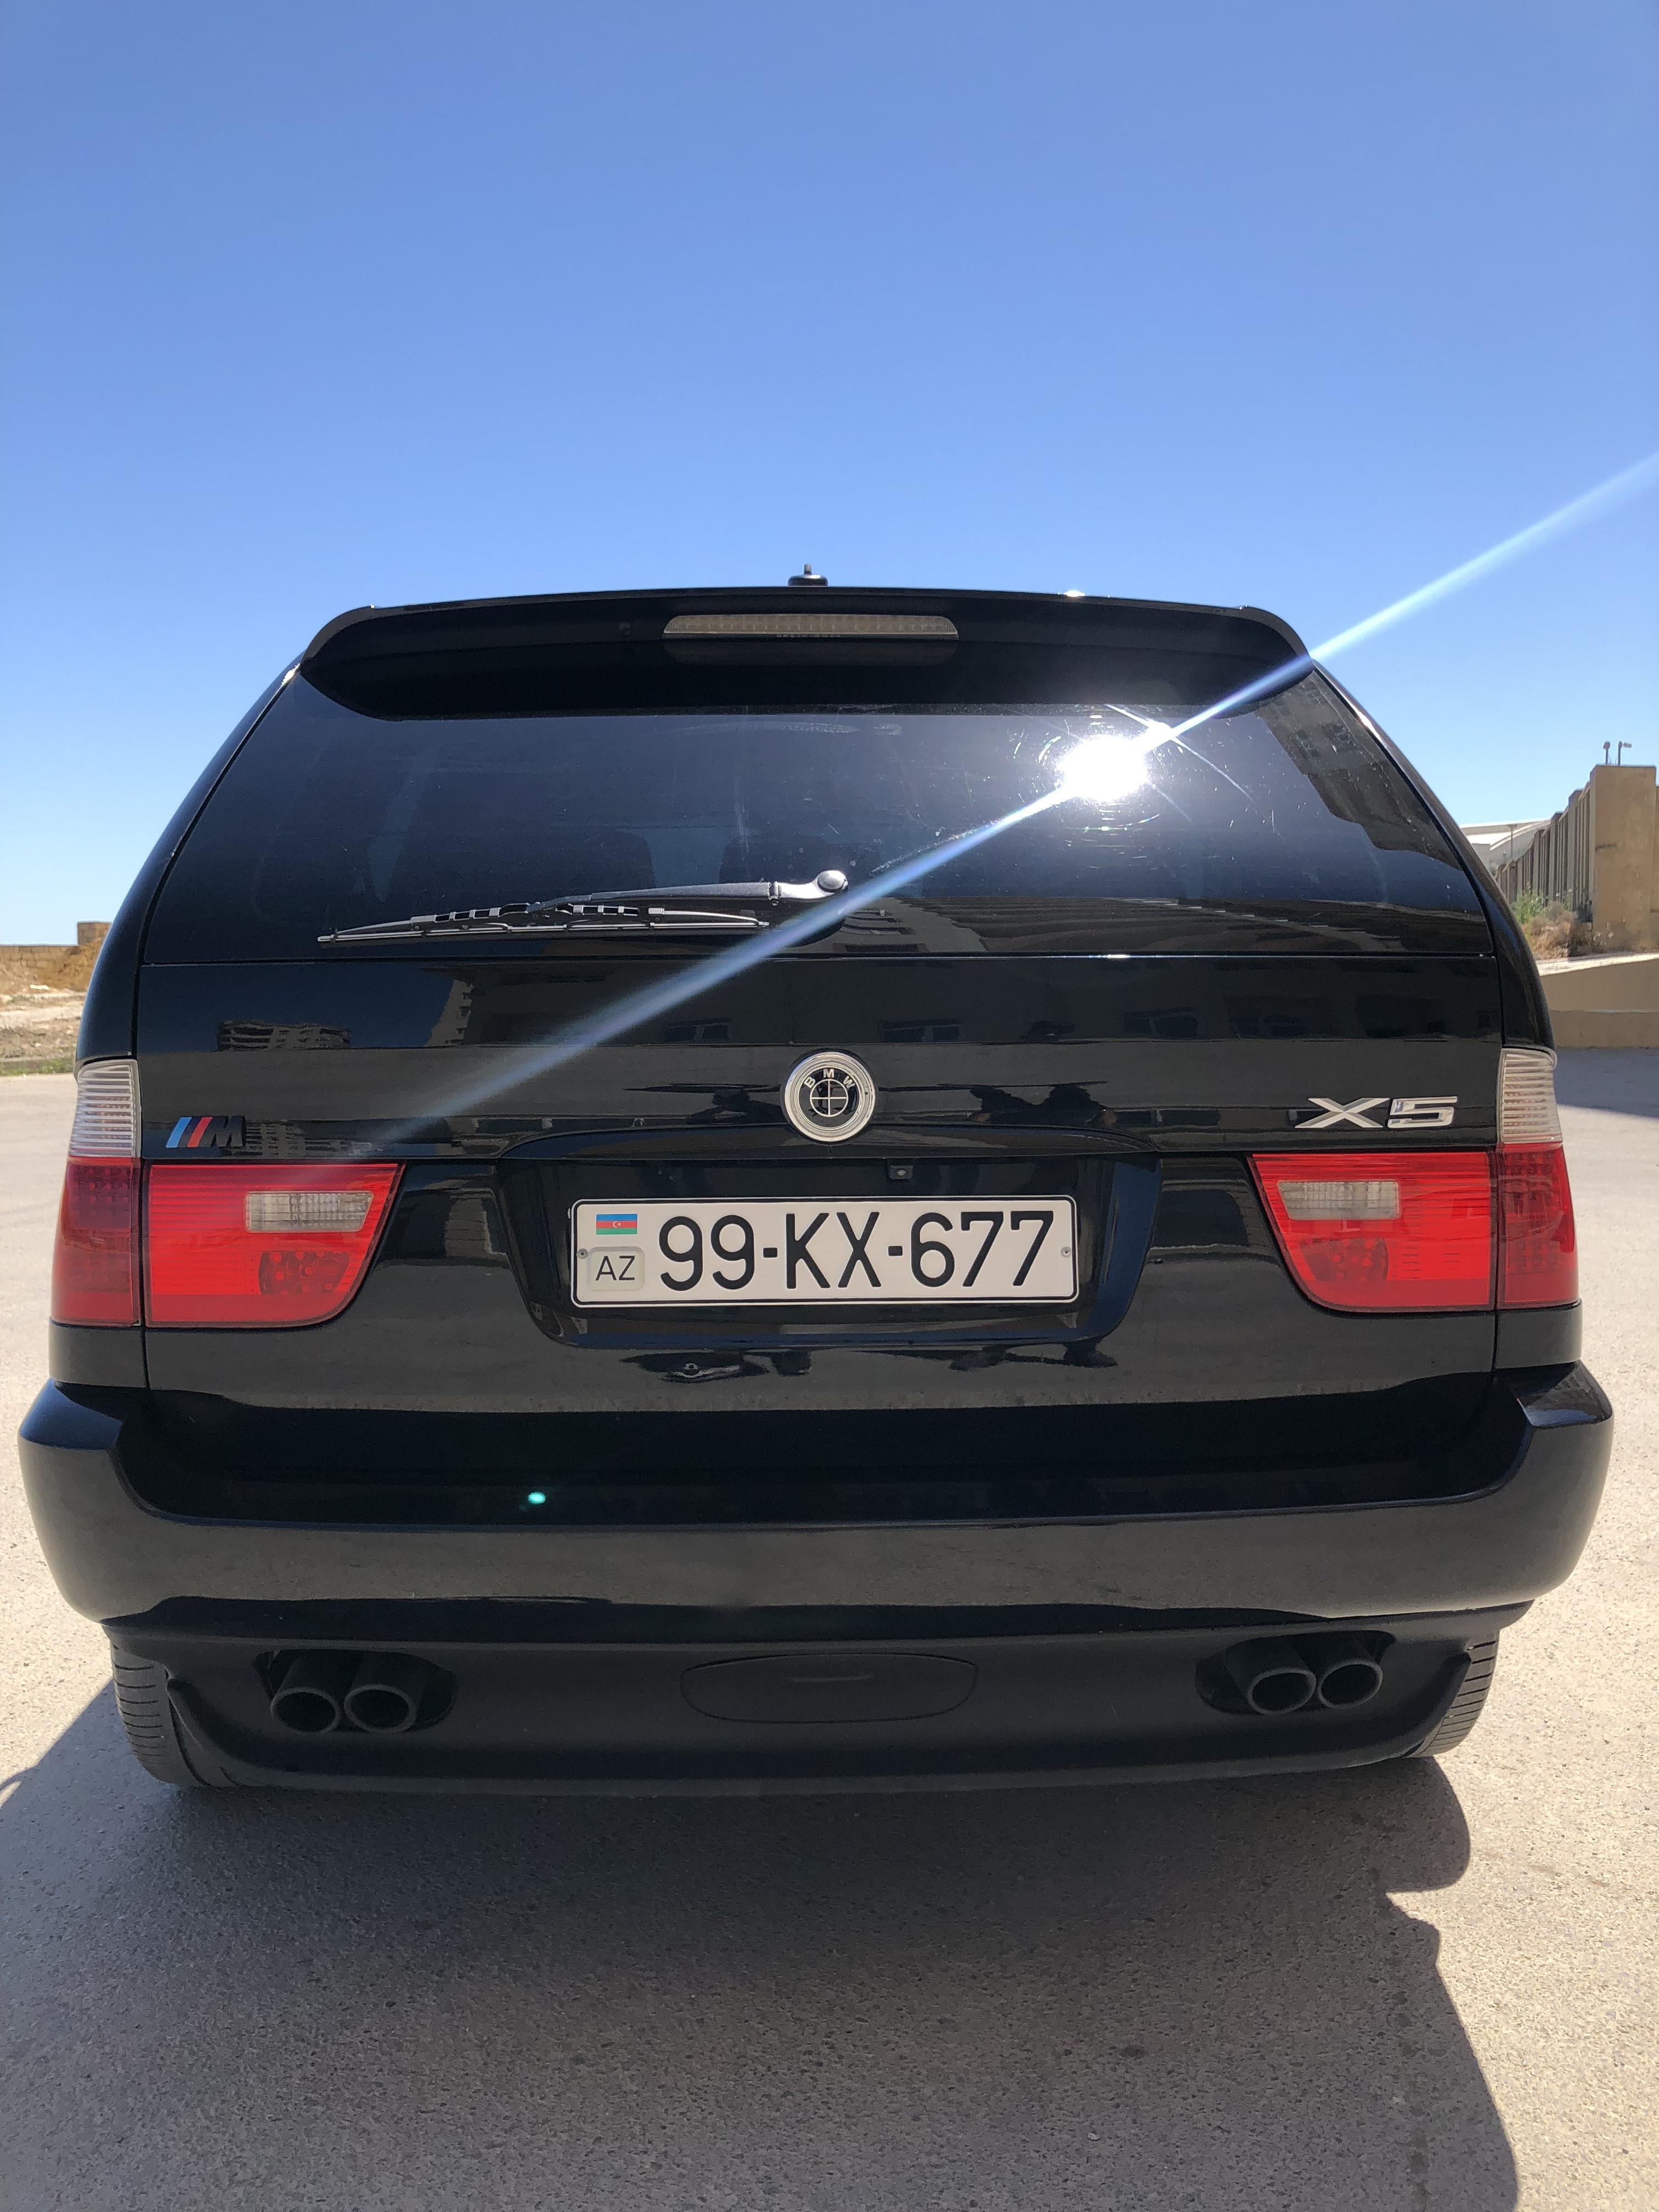 BMW X5 4.4(lt) 2001 Подержанный  $16500